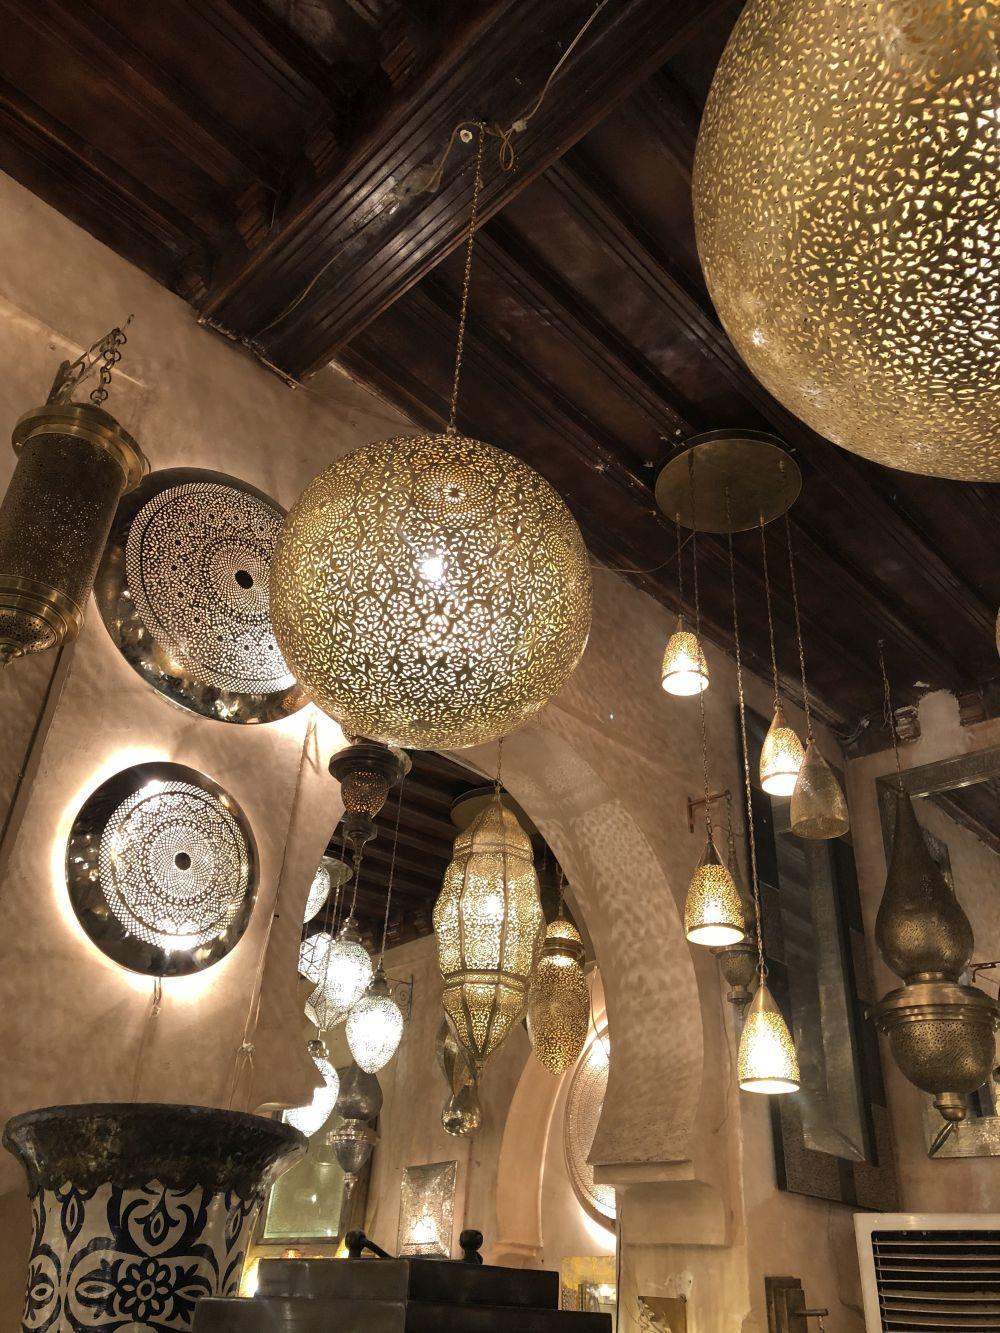 Tienda de lámparas Miloud El Jouli.